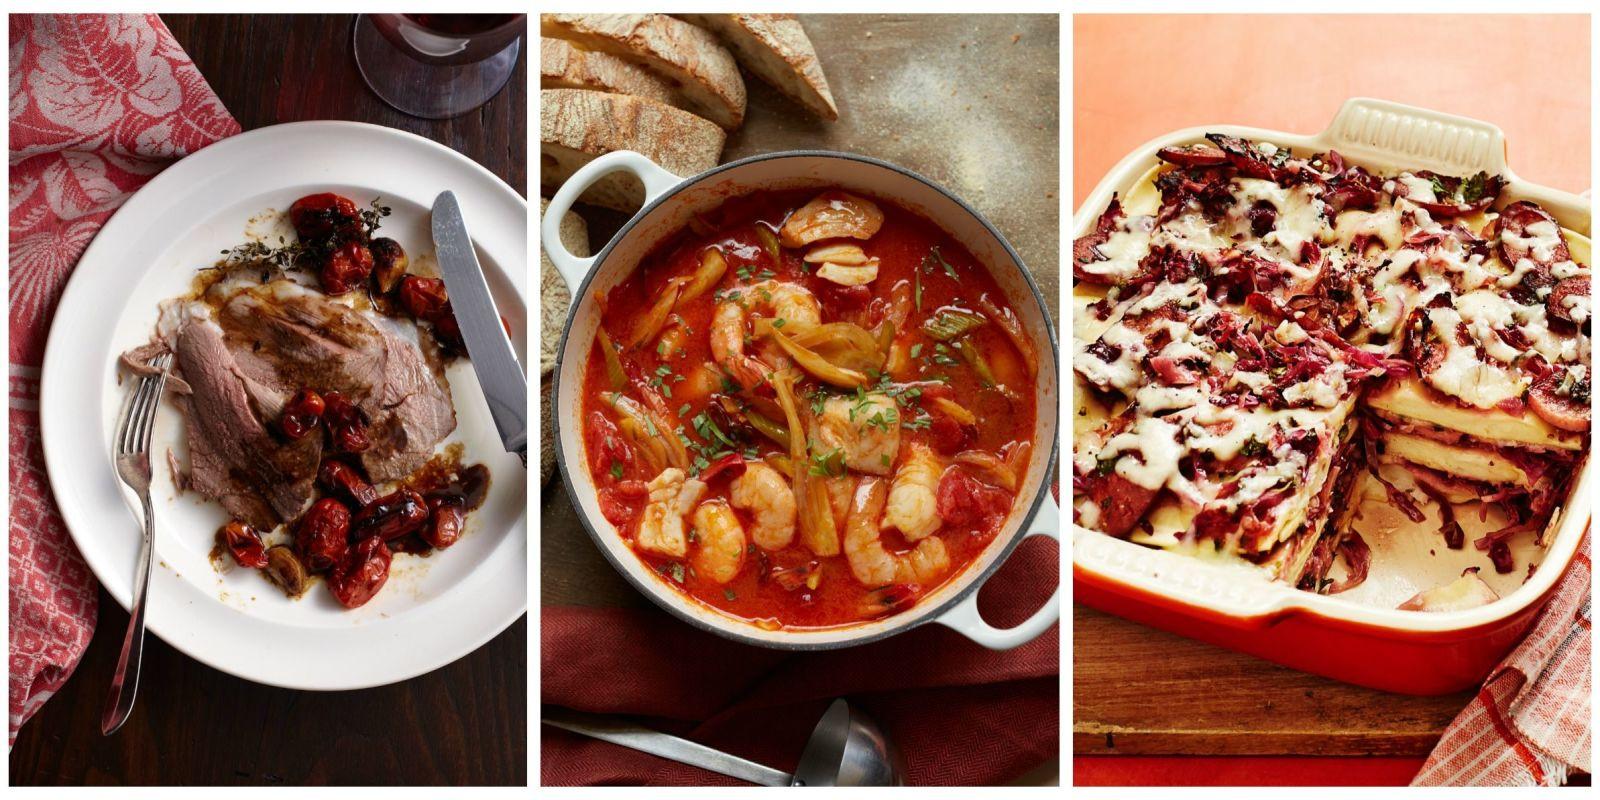 Non Traditional Christmas Dinner  22 Non Traditional Christmas Dinner Ideas You Need to Try